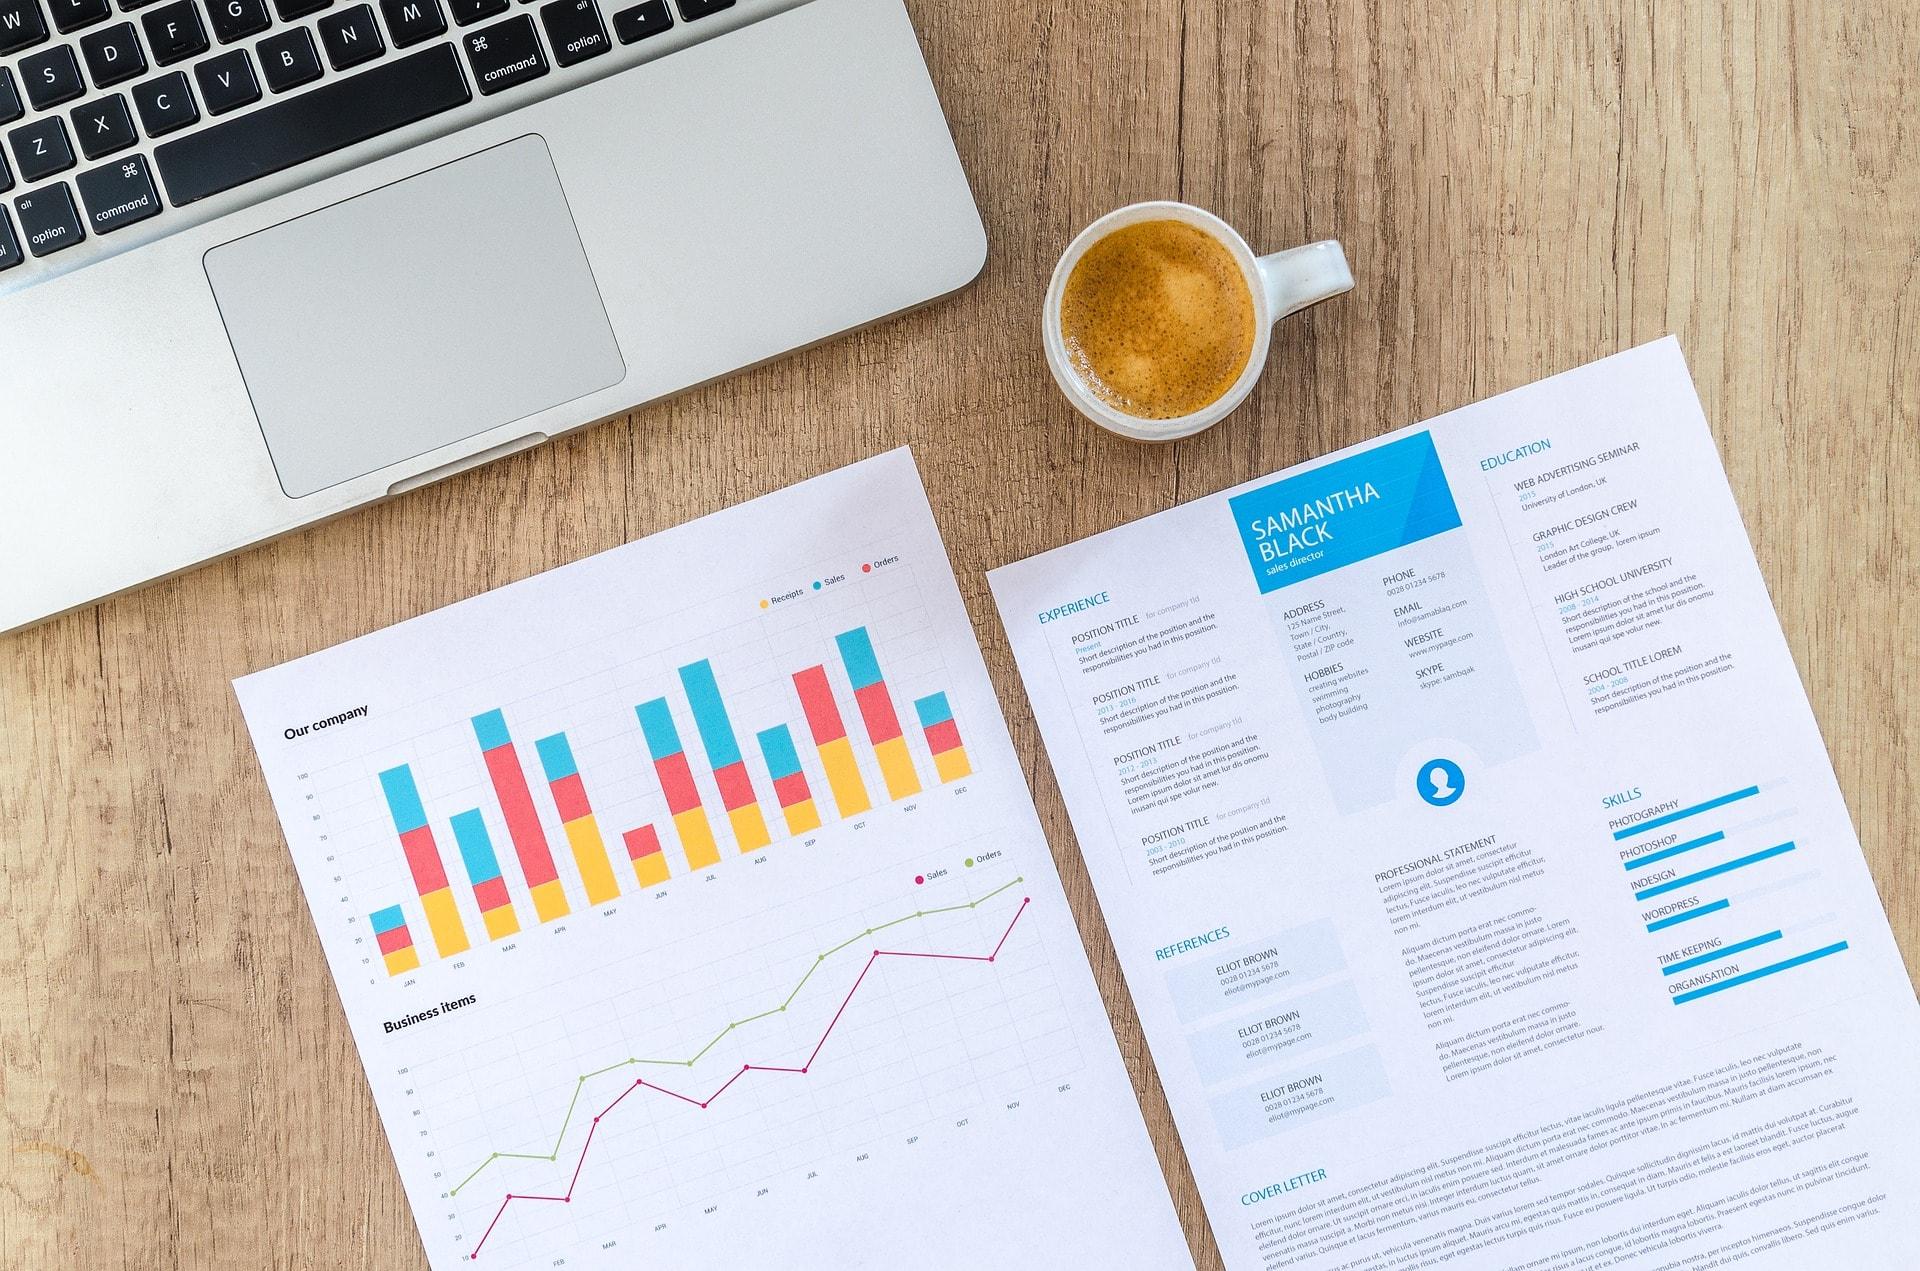 Sistema de gestão: o que é e quais as vantagens para a empresa